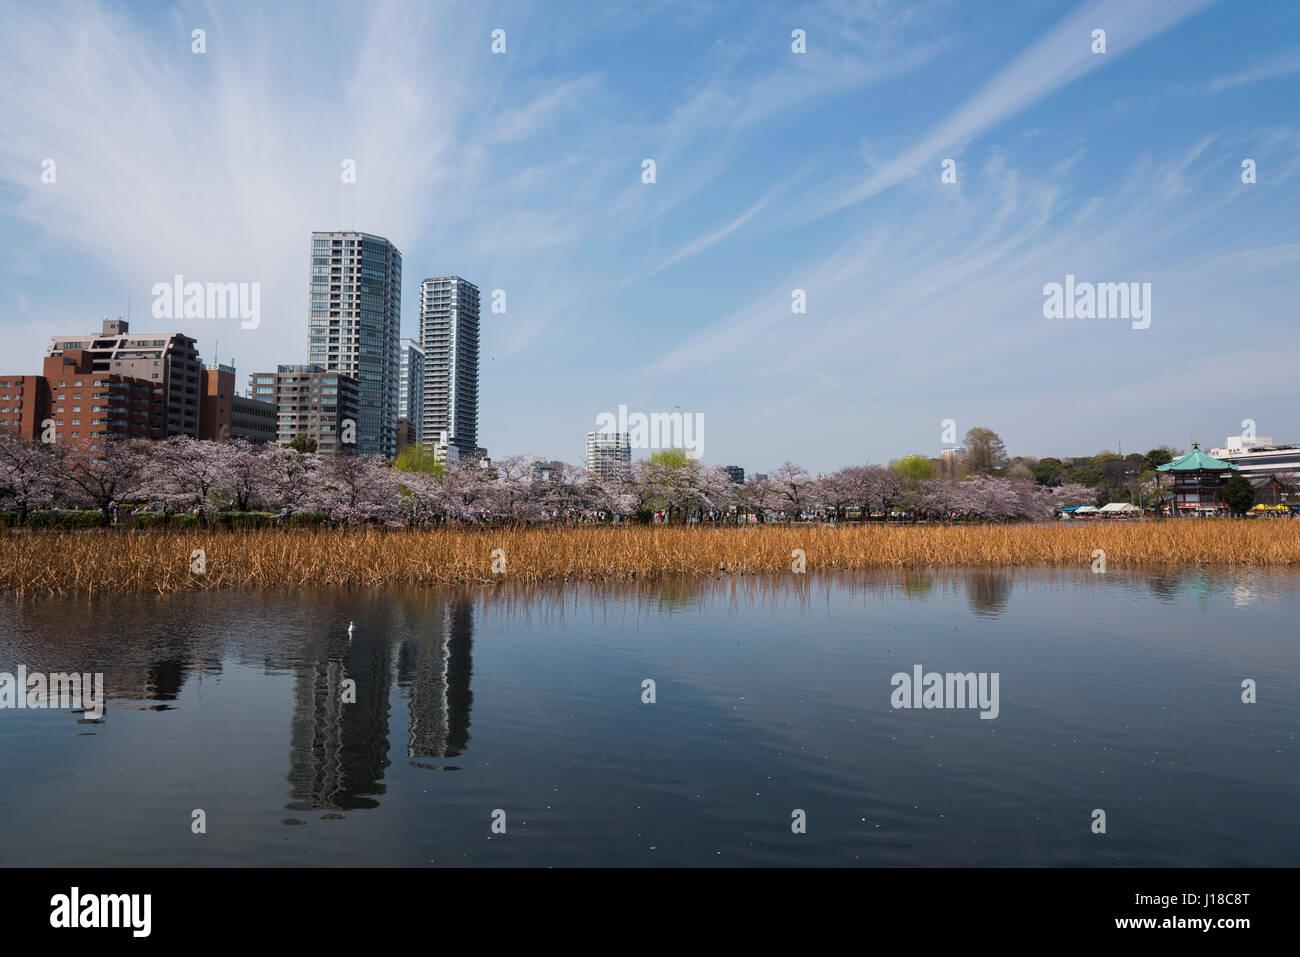 Fiore di Ciliegio, il Parco Ueno Taito-ku, Tokyo, Giappone Immagini Stock